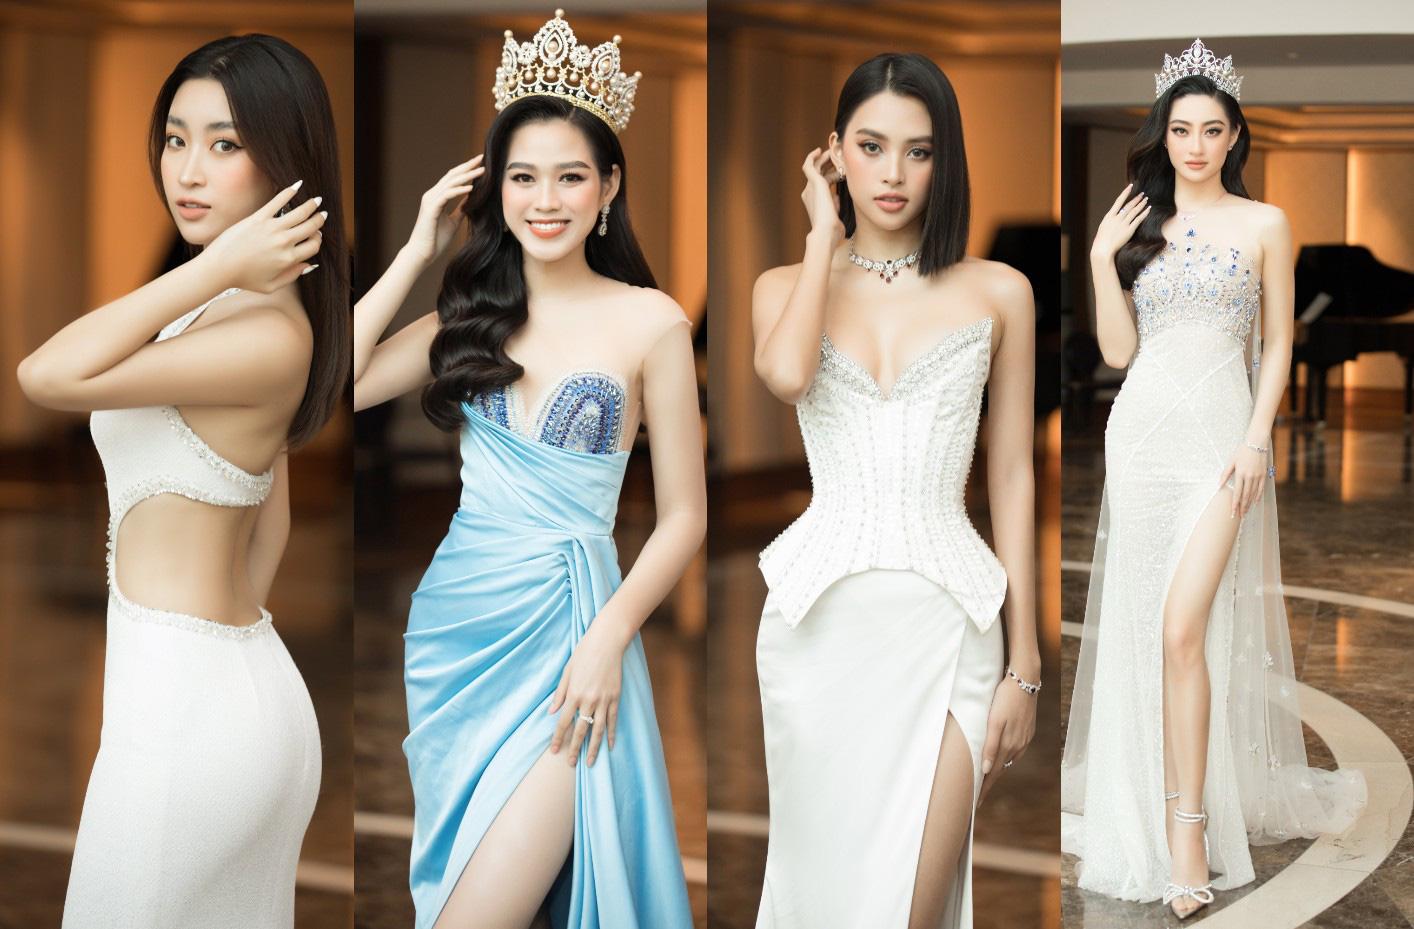 4 Hoa hậu quyến rũ hút mắt nhờ váy xẻ cao, khoét lưng táo tạo: Lương Thùy Linh, Đỗ Thị Hà... - Ảnh 1.